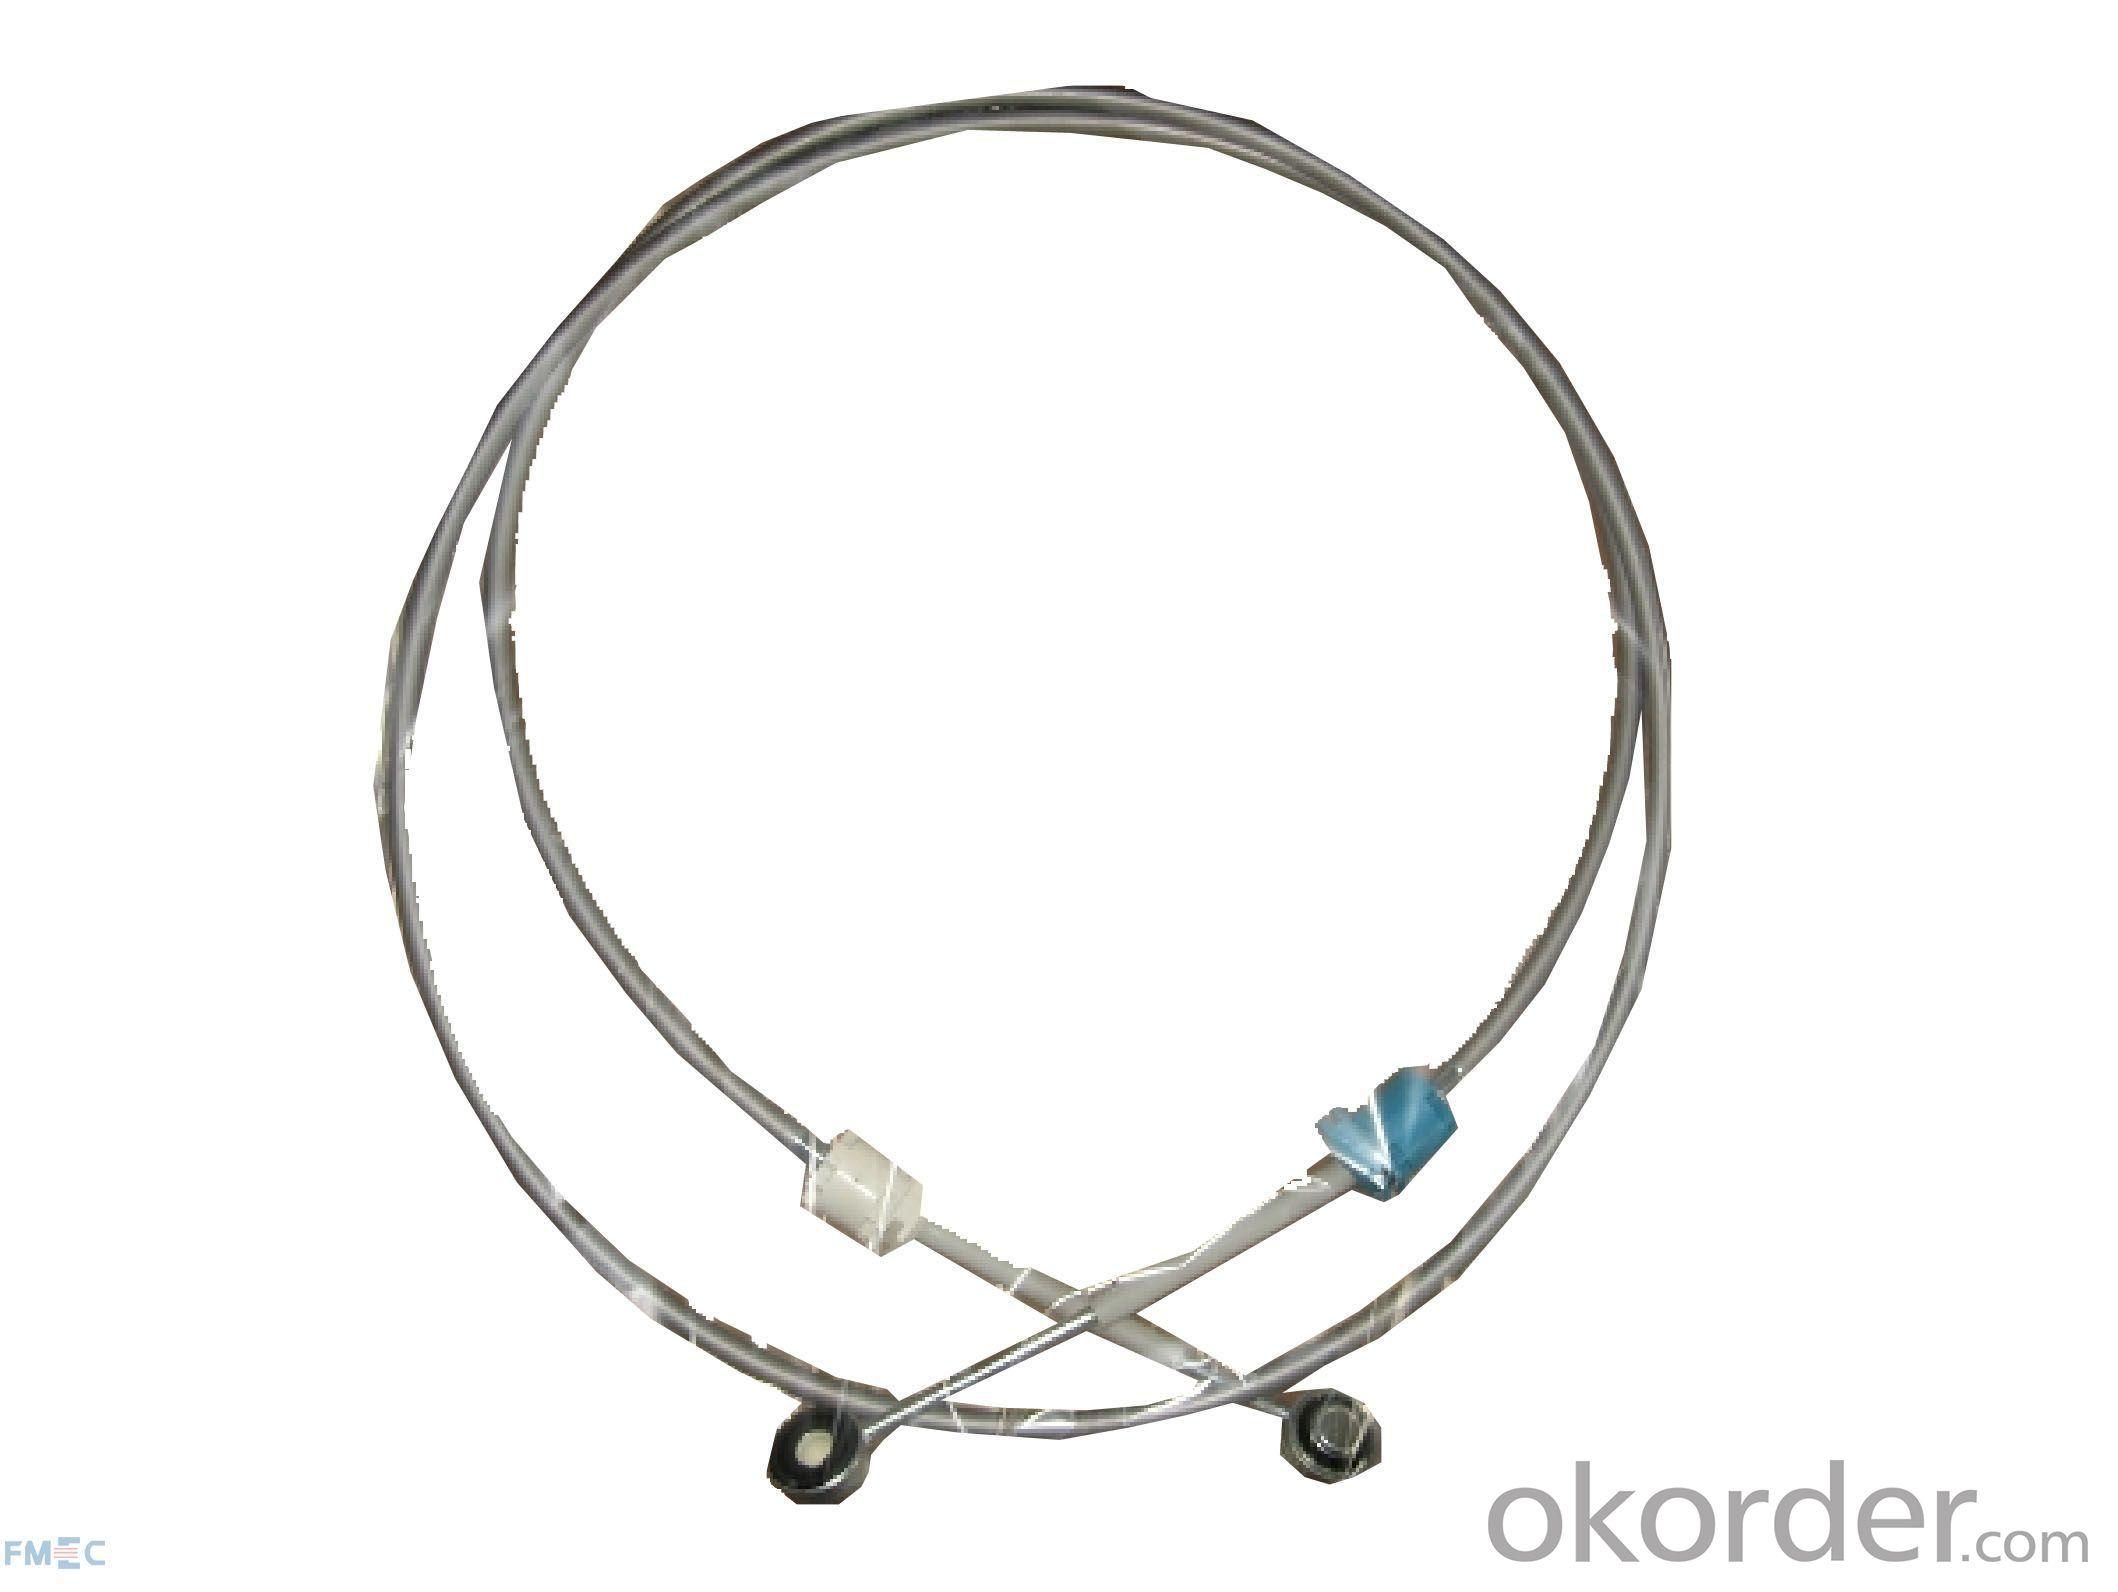 H05VV5-F Control Cables